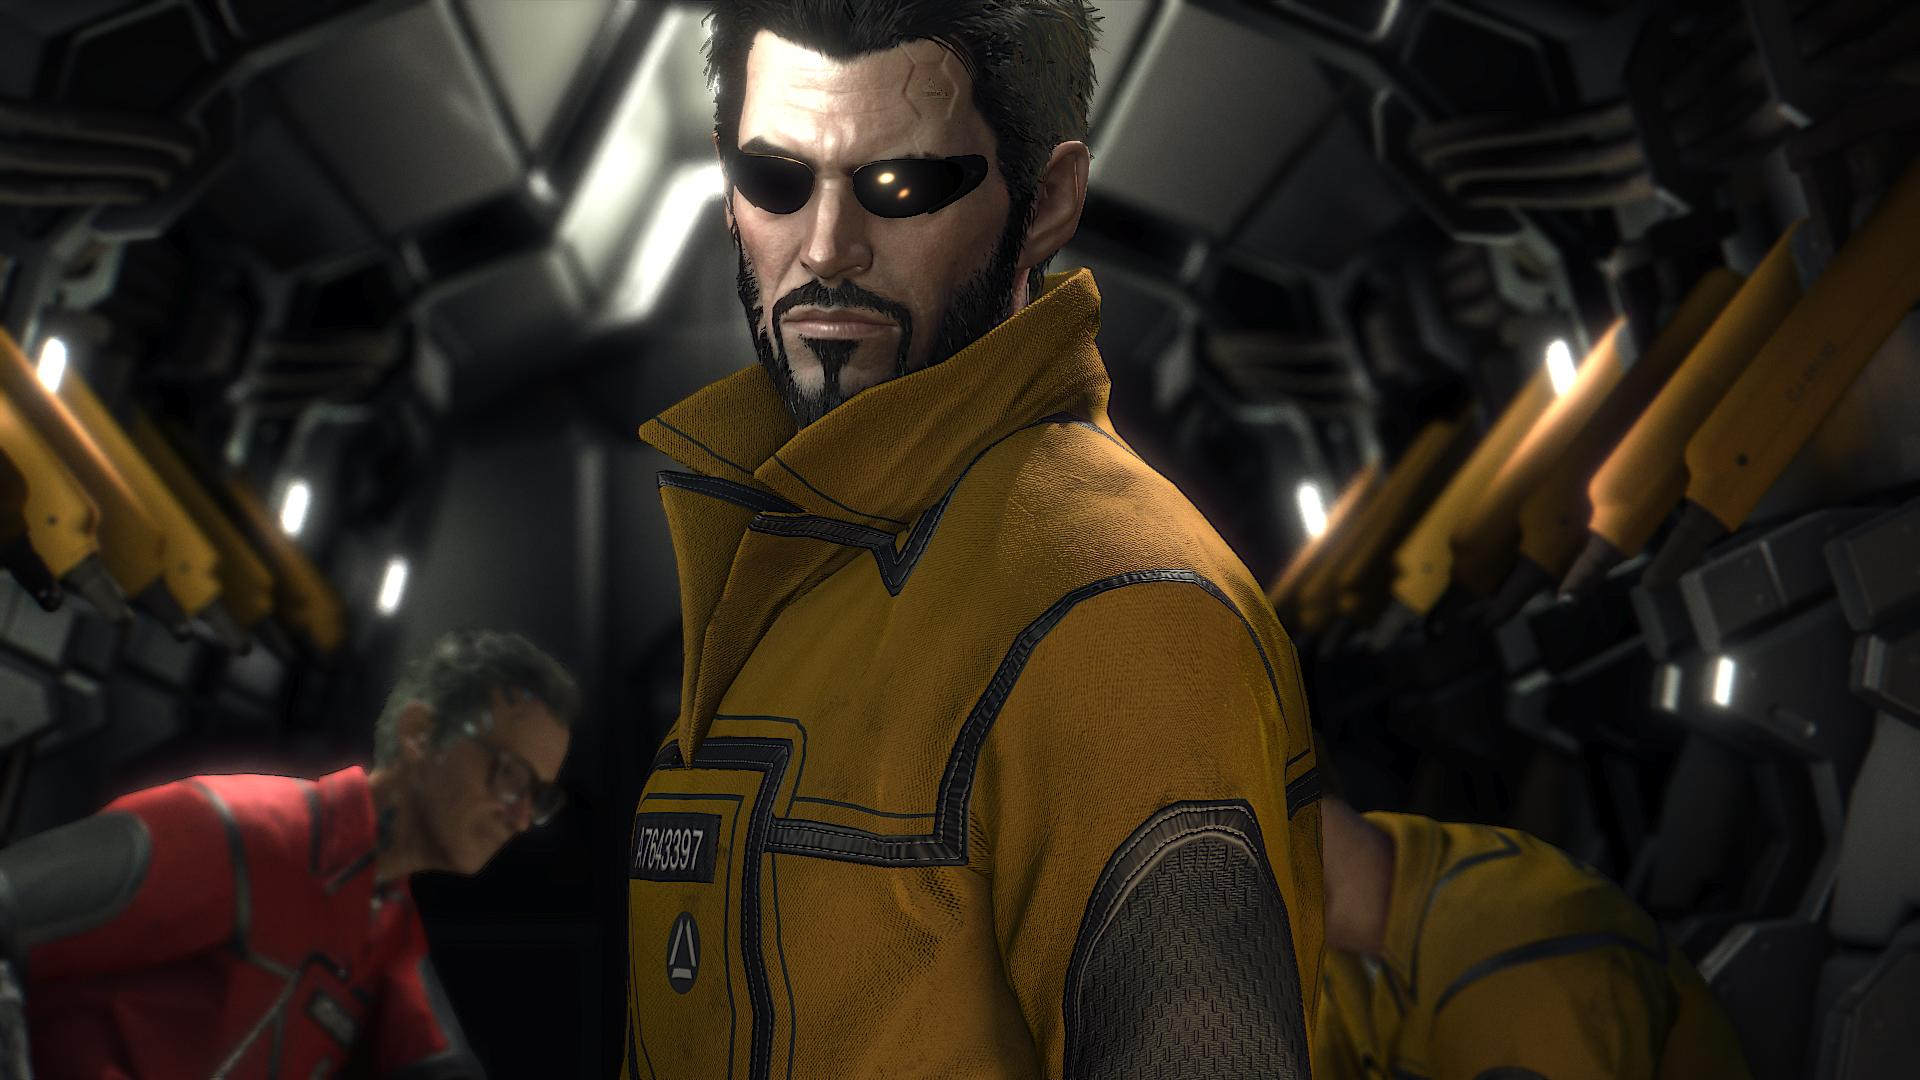 000425.Jpg - Deus Ex: Mankind Divided